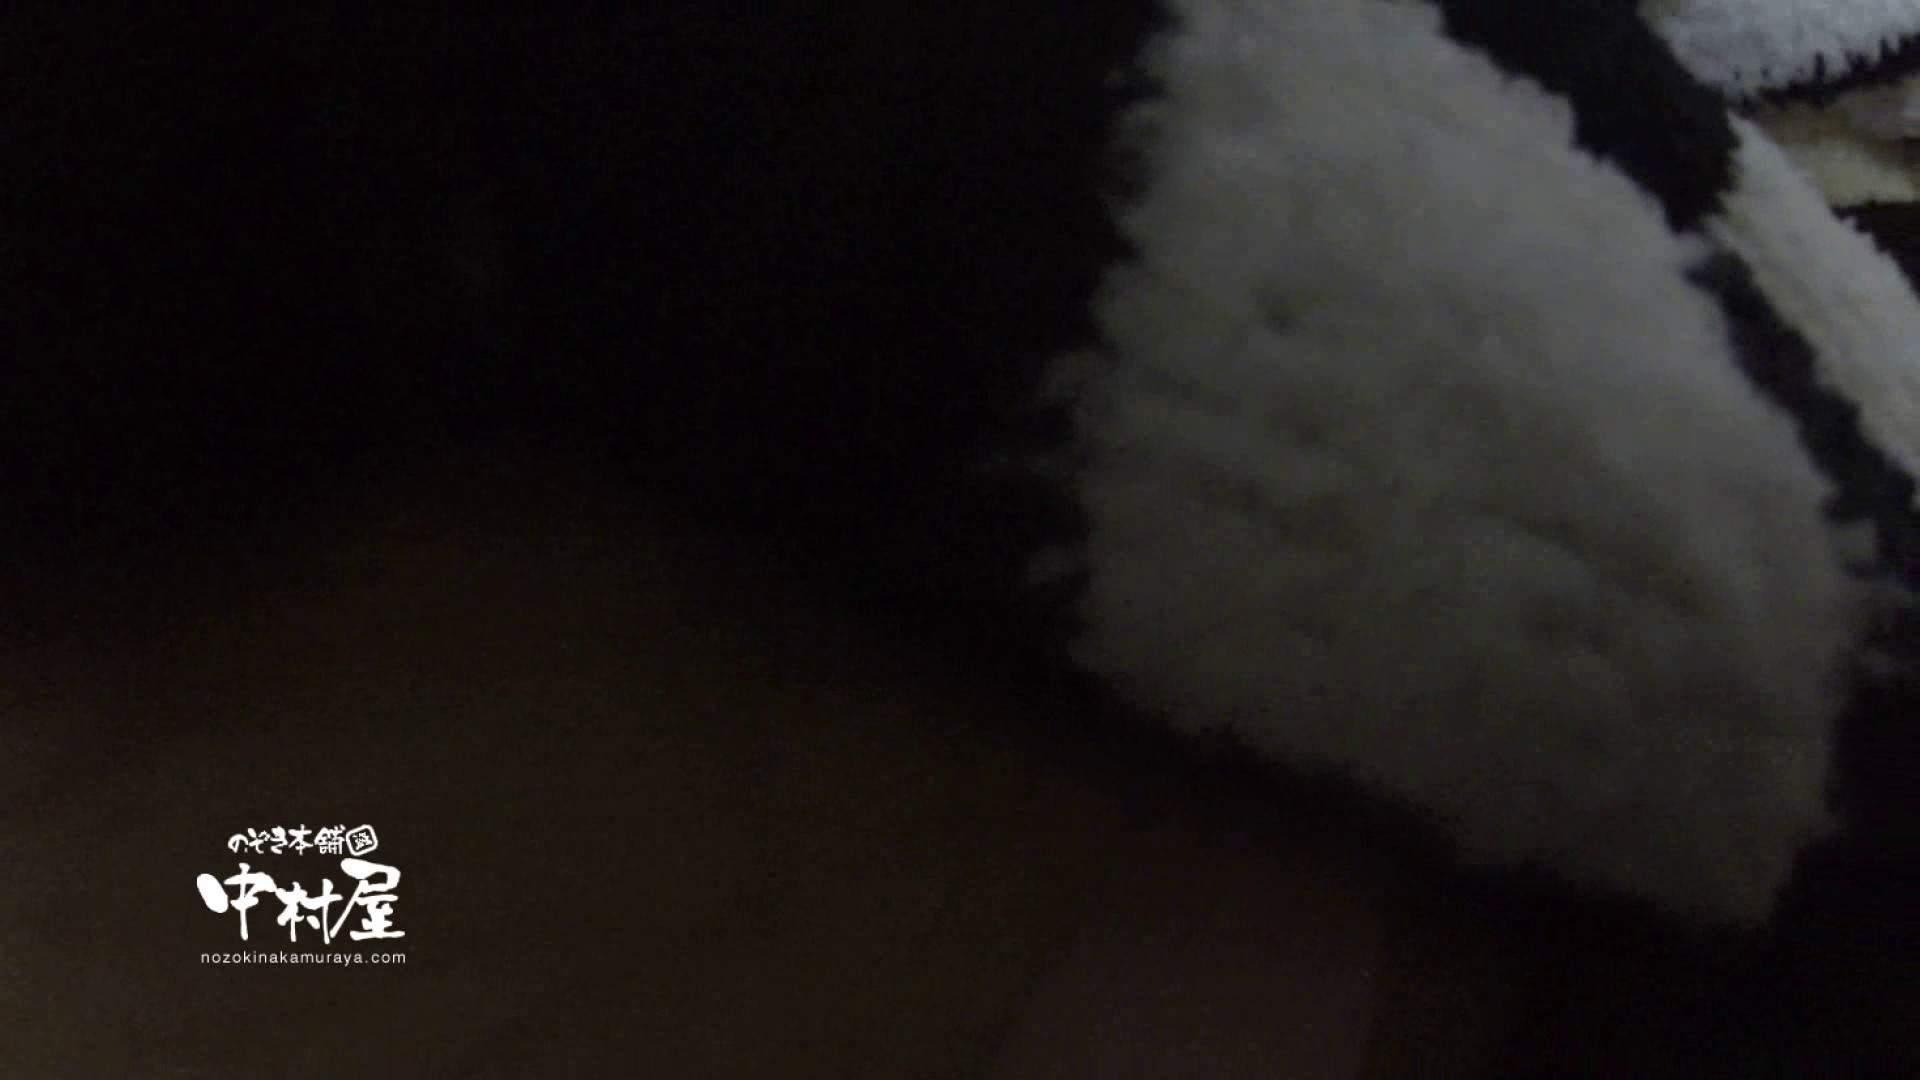 鬼畜 vol.09 無慈悲!中出し爆乳! 後編 鬼畜 濡れ場動画紹介 105PIX 43